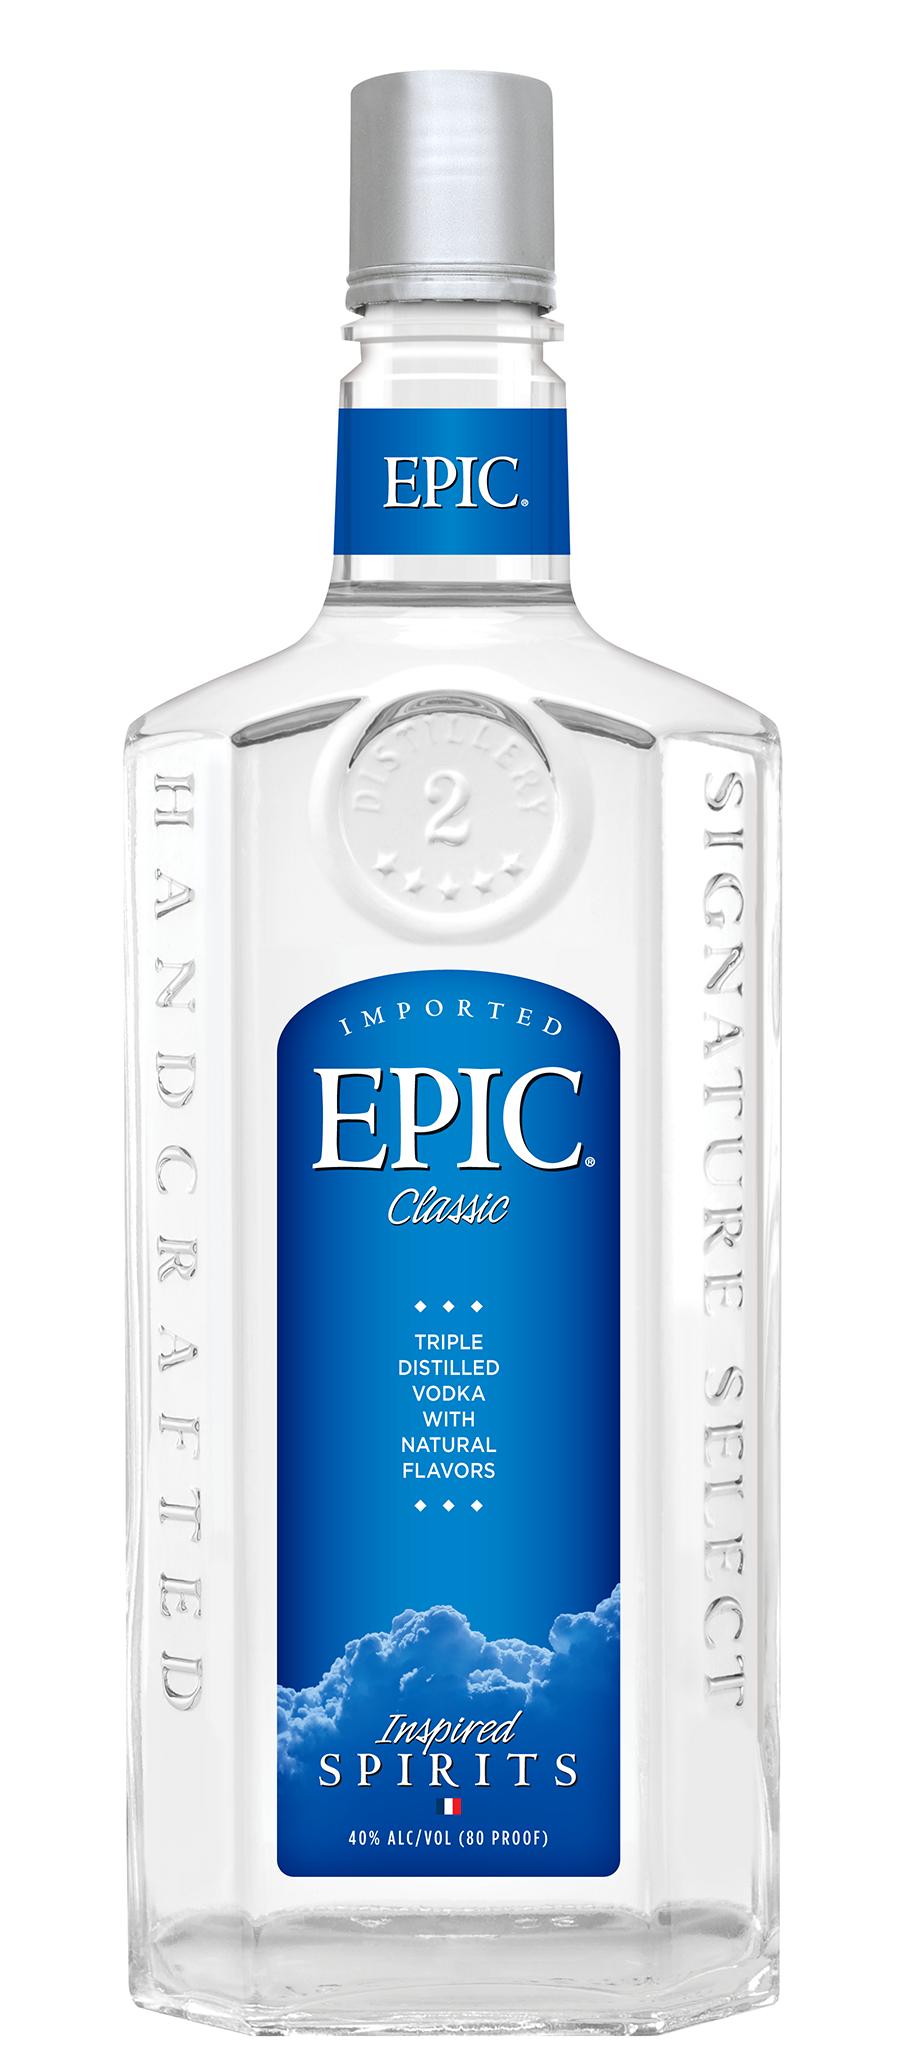 EpicBottle.png